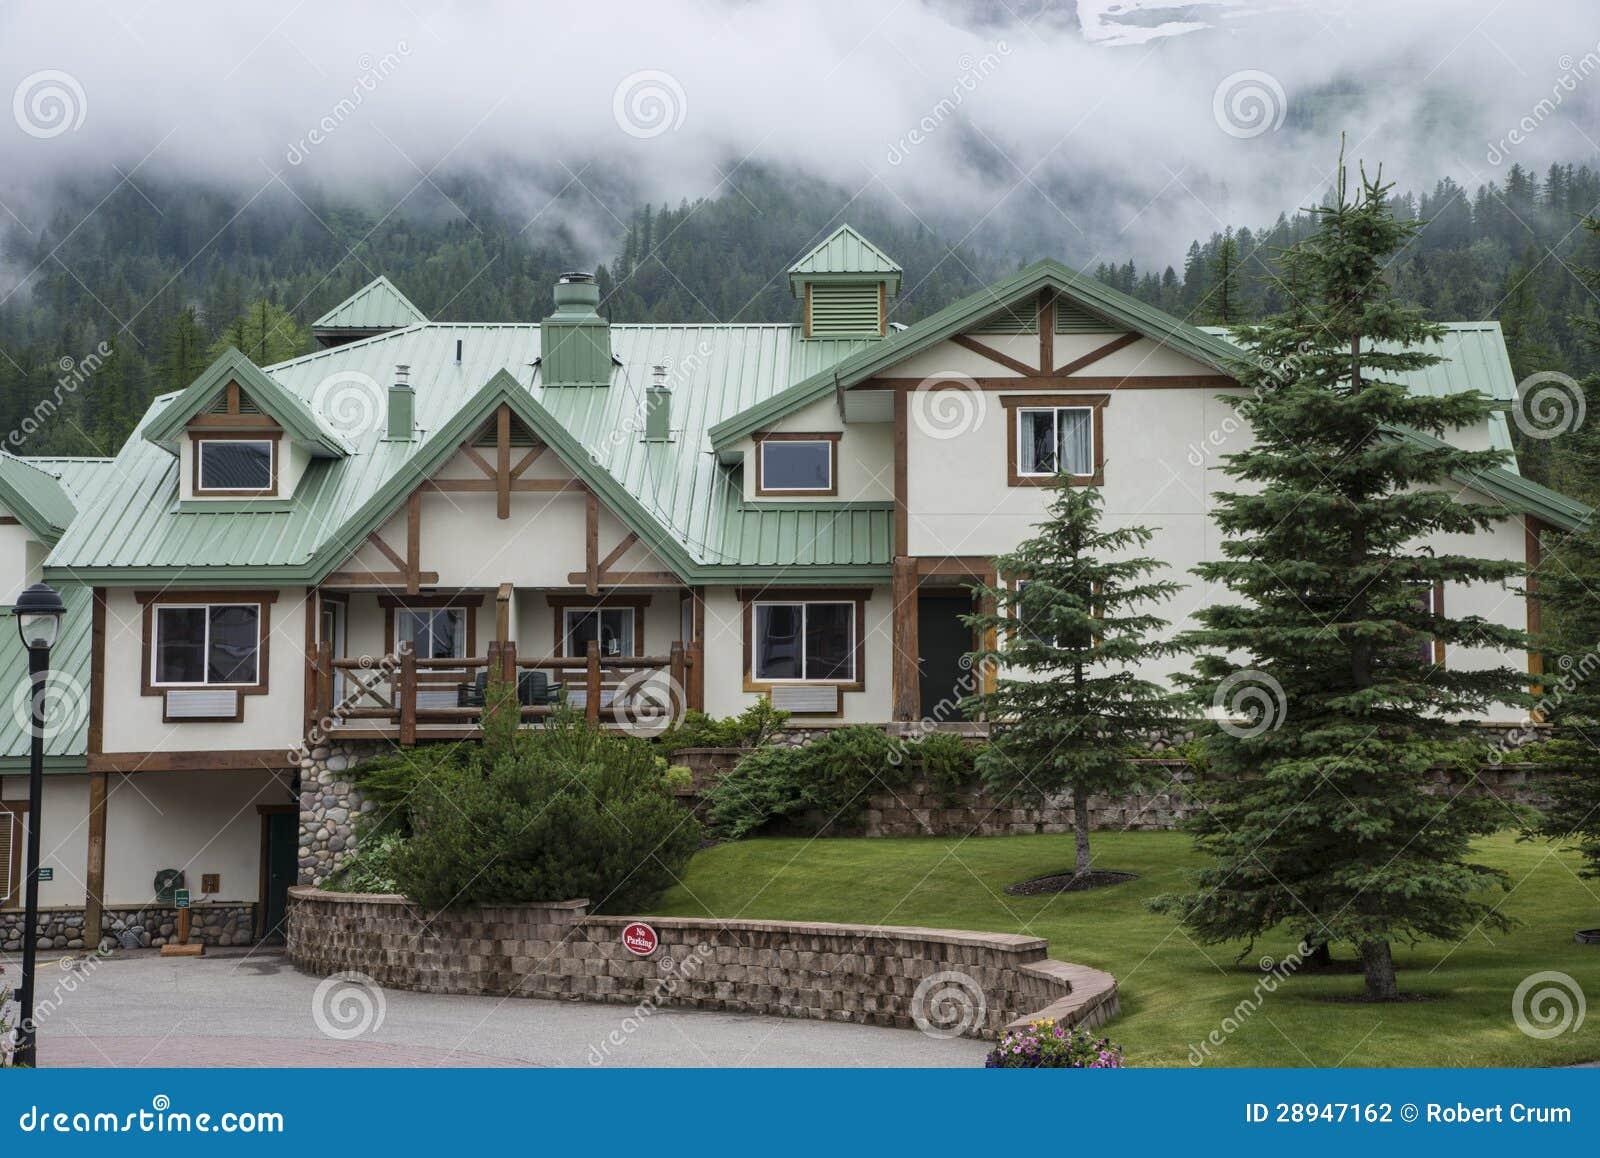 case contemporanee nella stazione sciistica fotografia